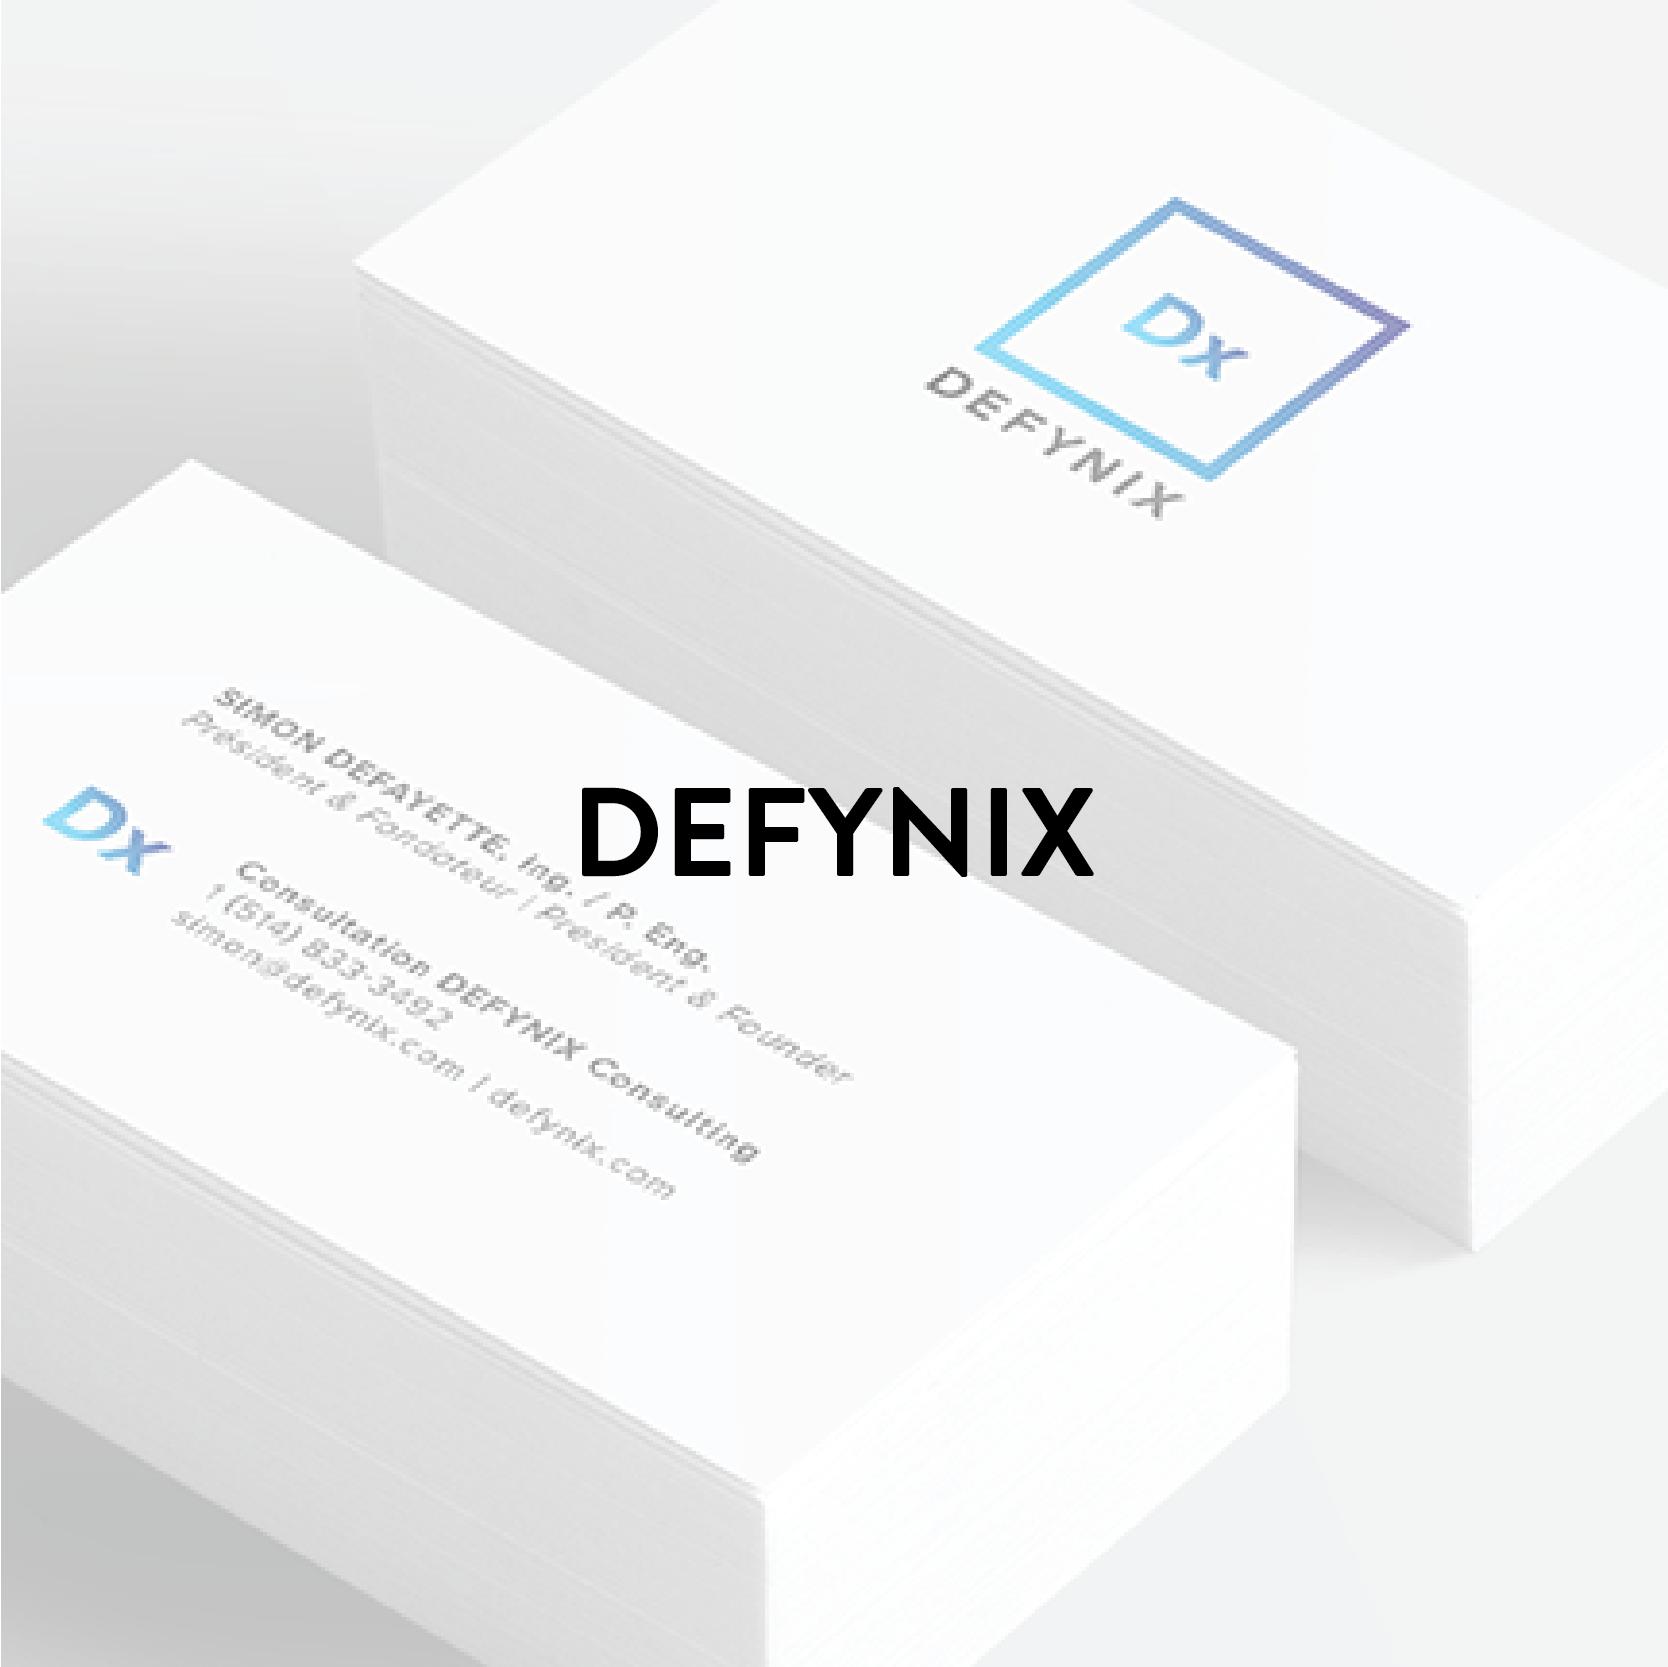 Defynix